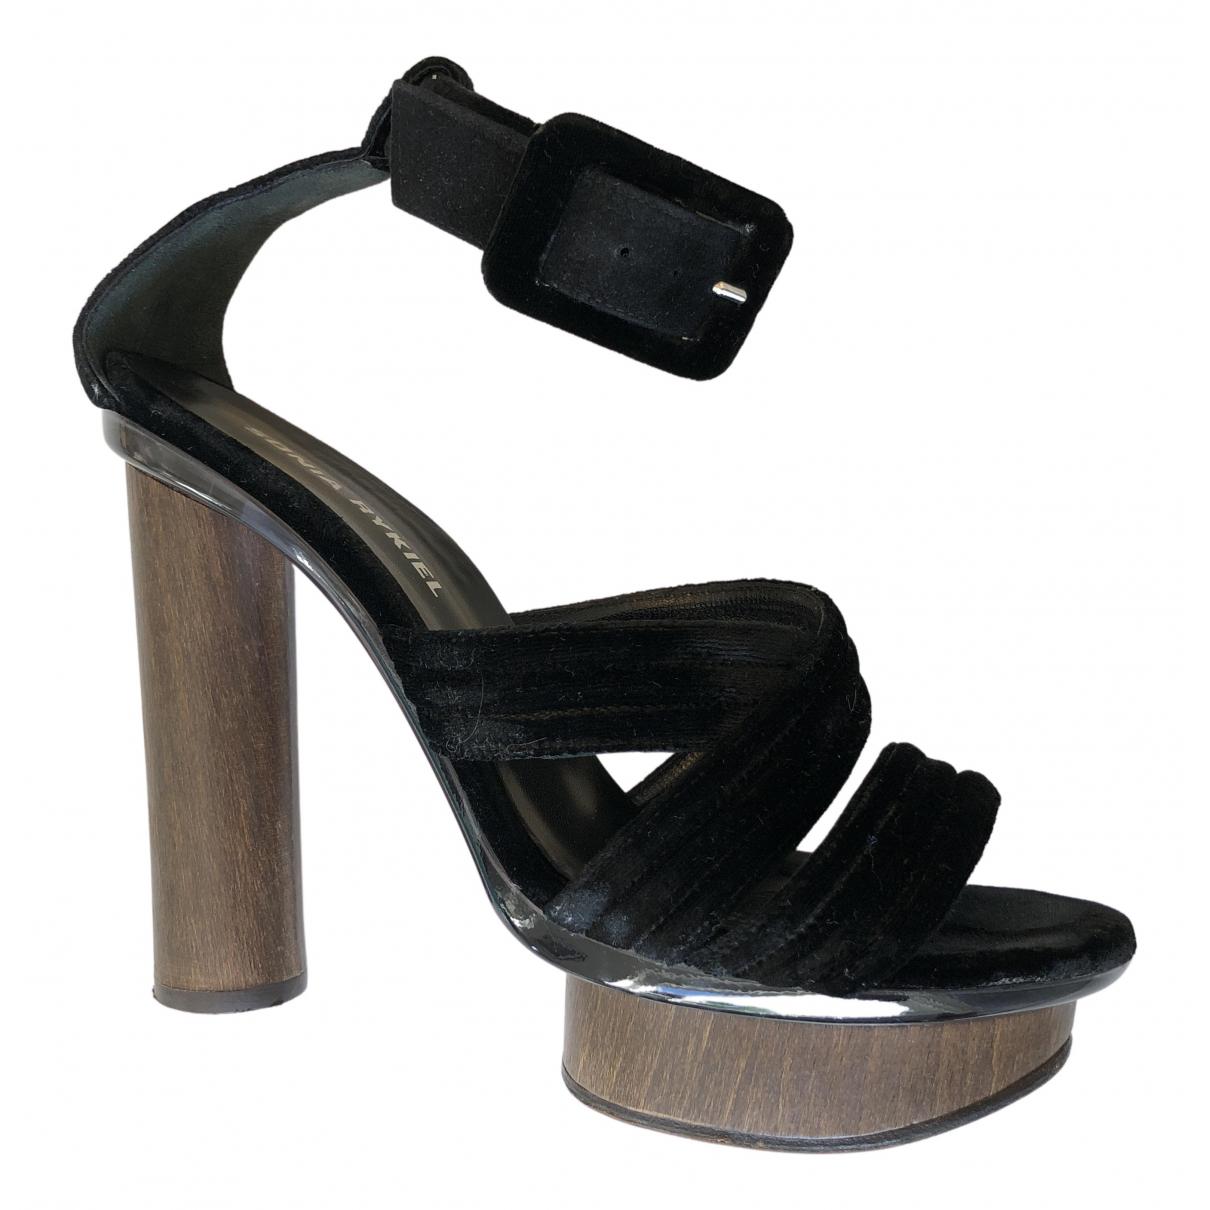 Sandalias de Terciopelo Sonia Rykiel